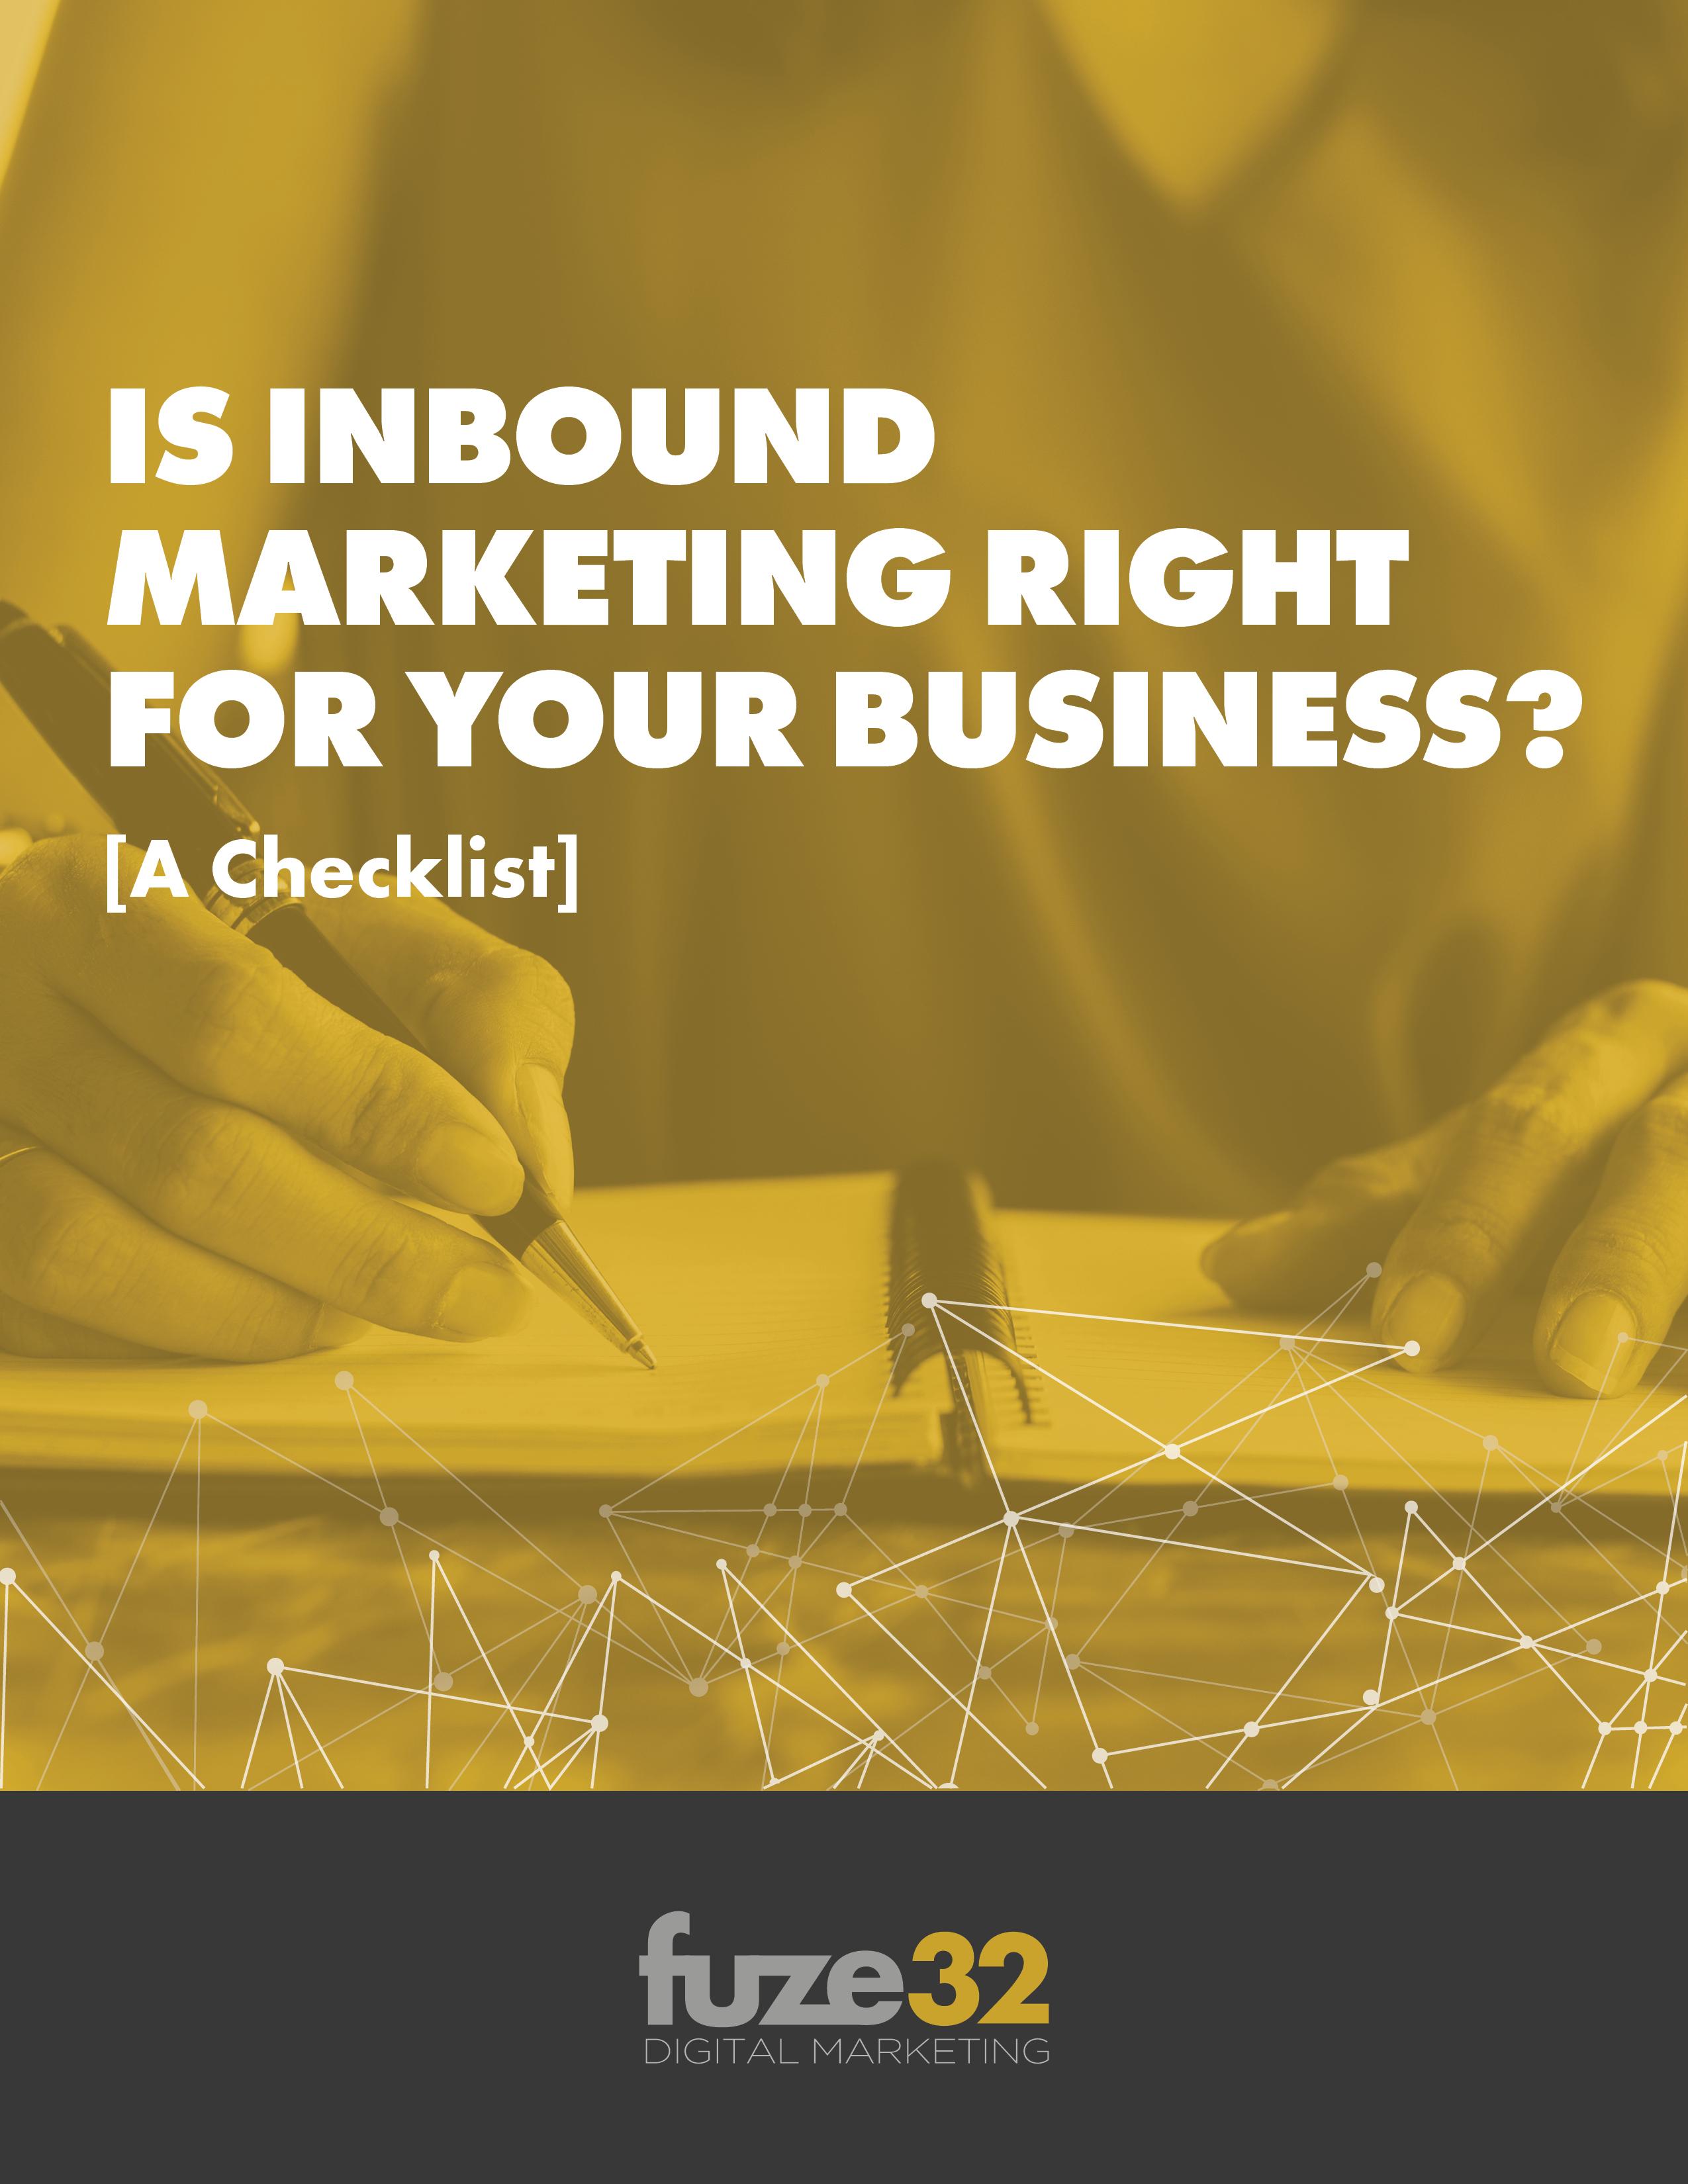 fuze32-Is-Inbound-Marketing-Right-Checklist-Image (1)